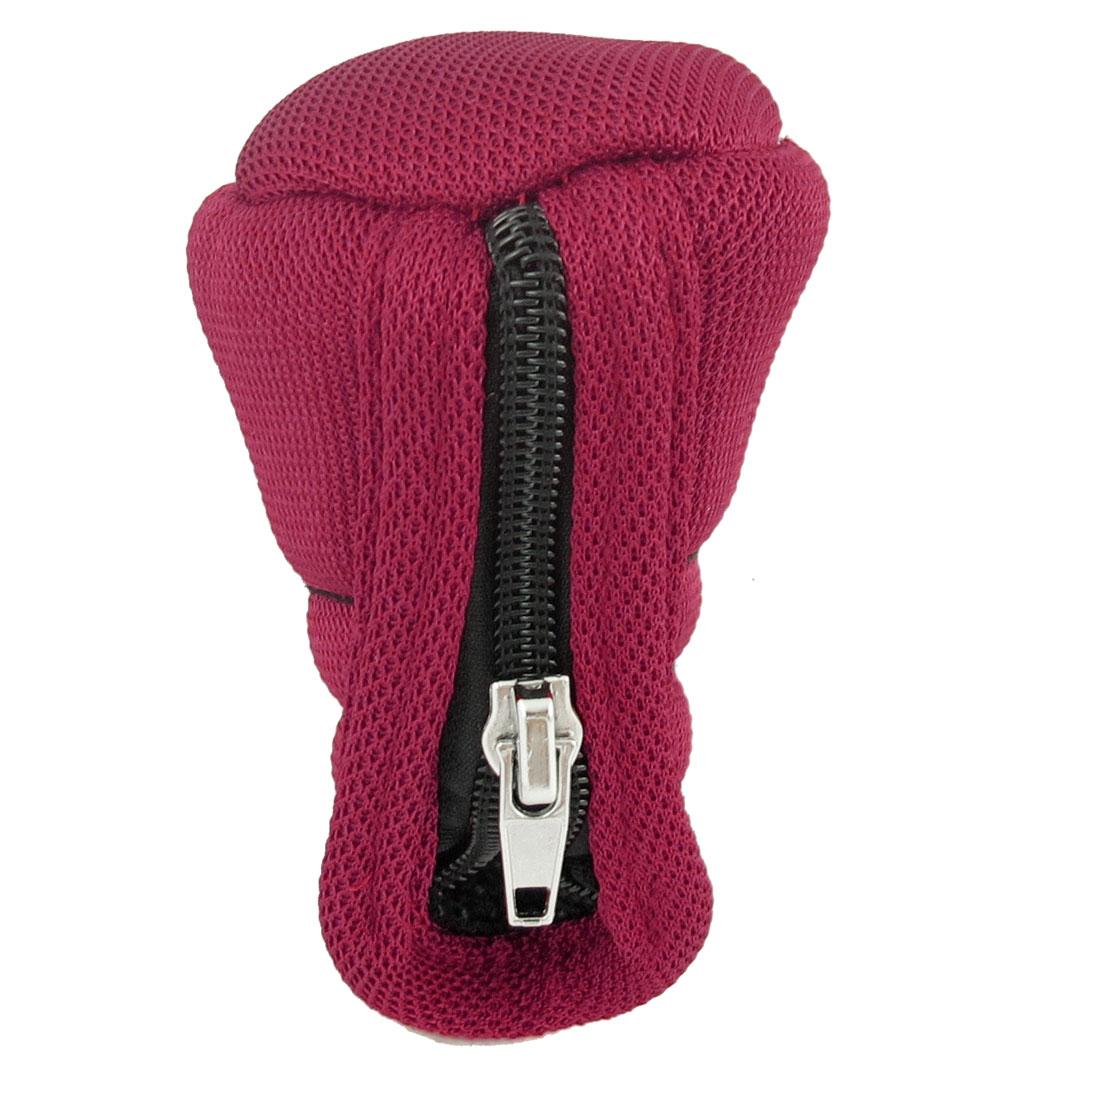 Zipper Closure Red Nylon Nonslip Gear Shift Knob Cover for Auto Car